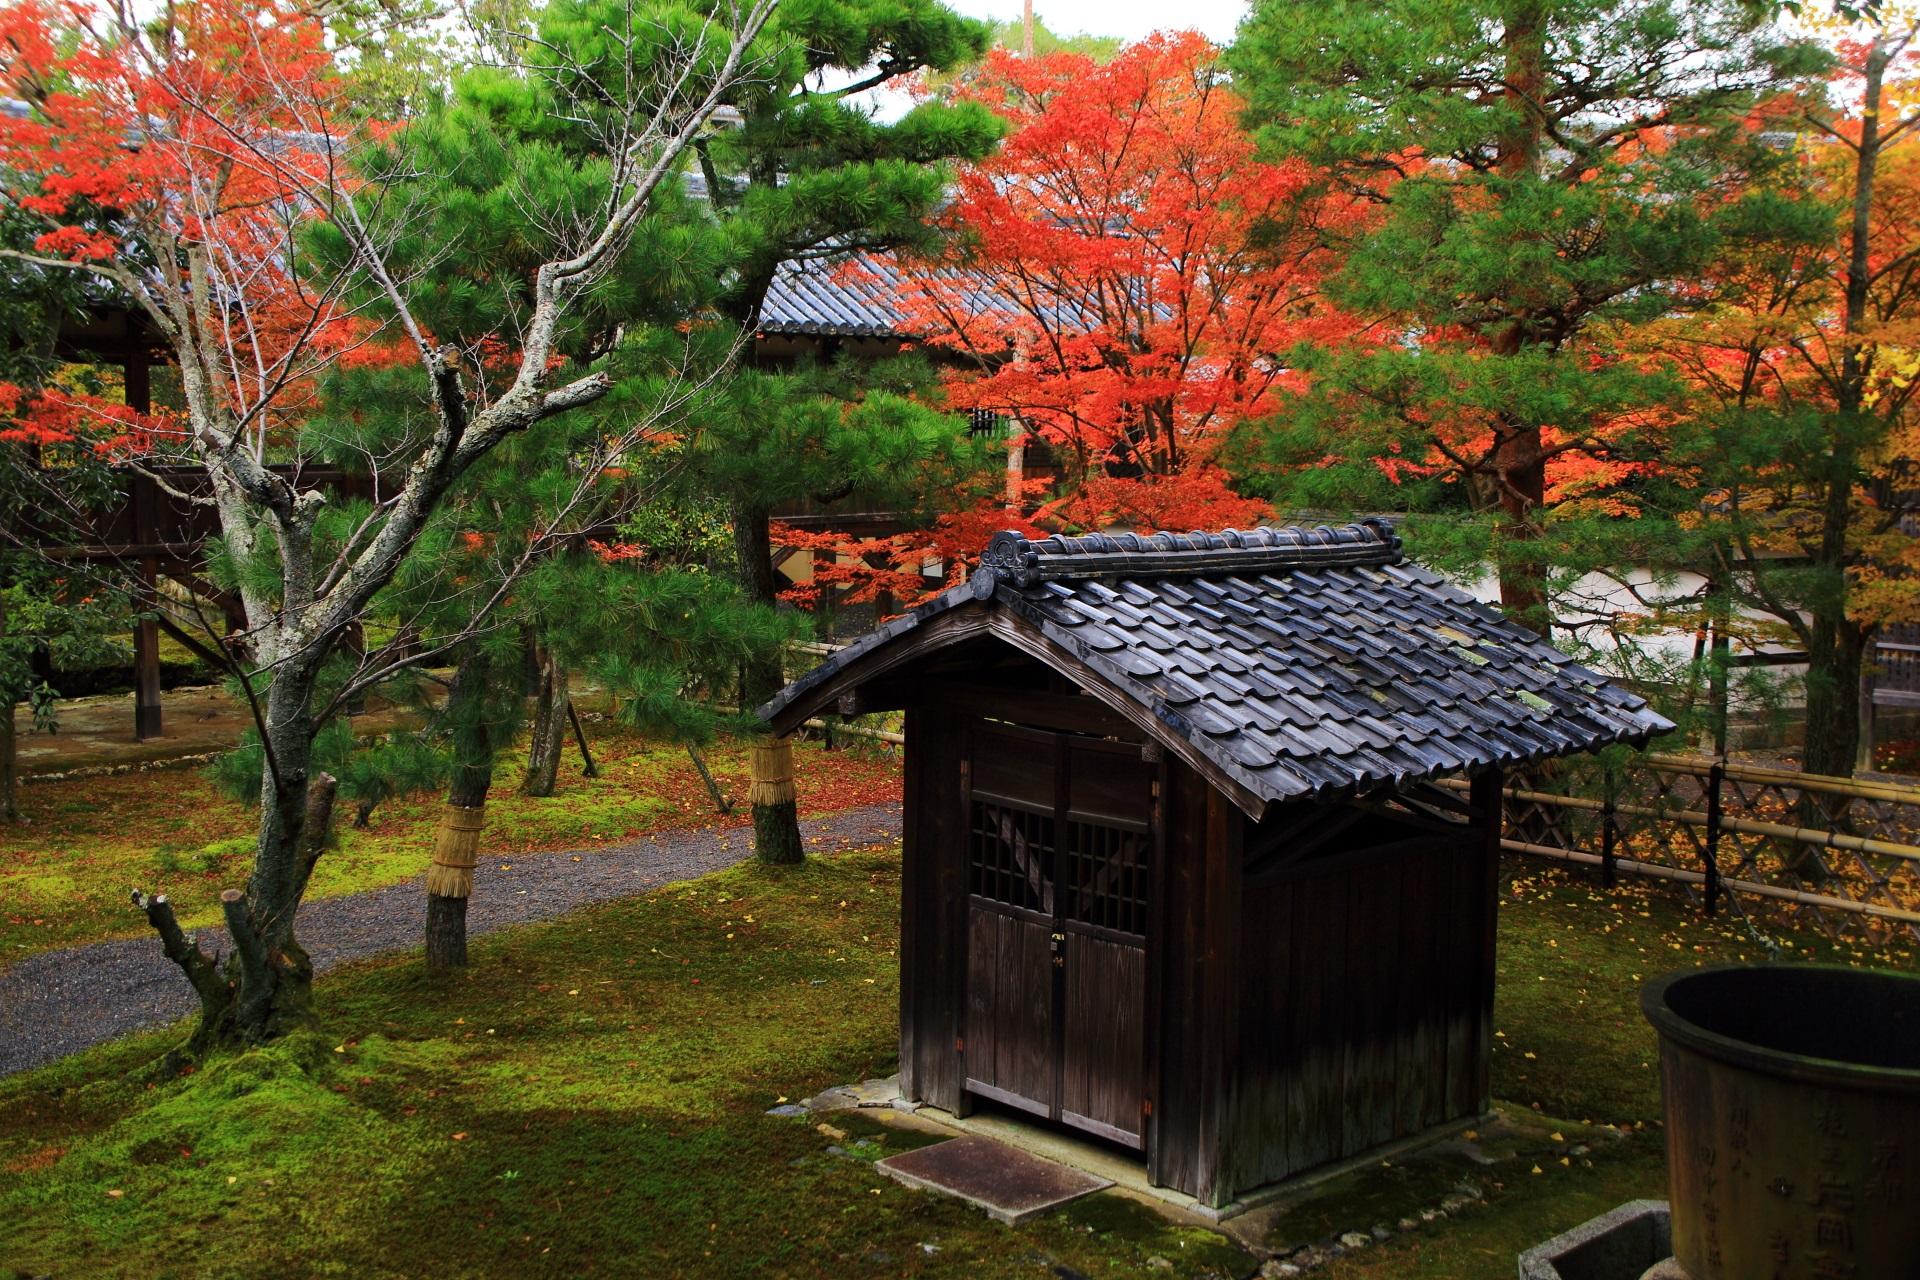 本堂裏(本堂北側)の回廊に囲まれた庭園の紅葉